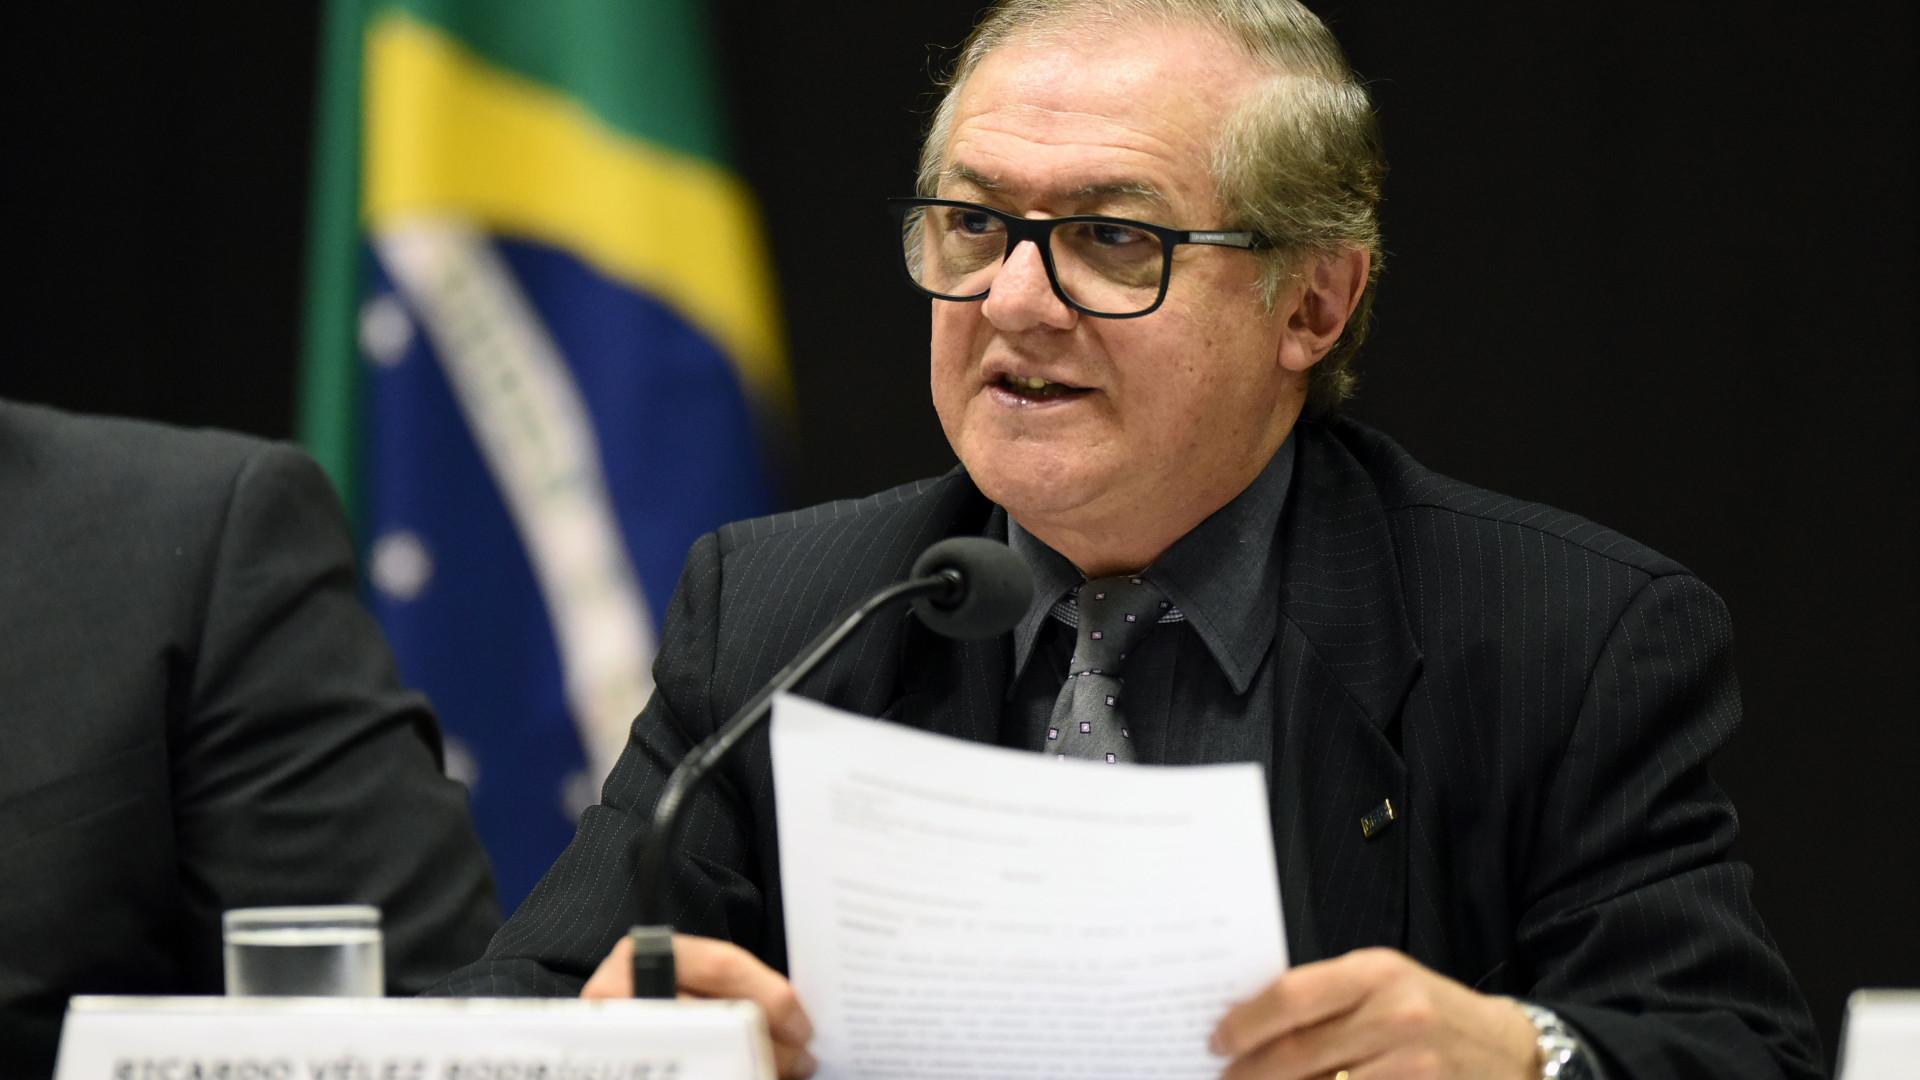 Livros didáticos vão negar golpe militar e ditadura, afirma ministro